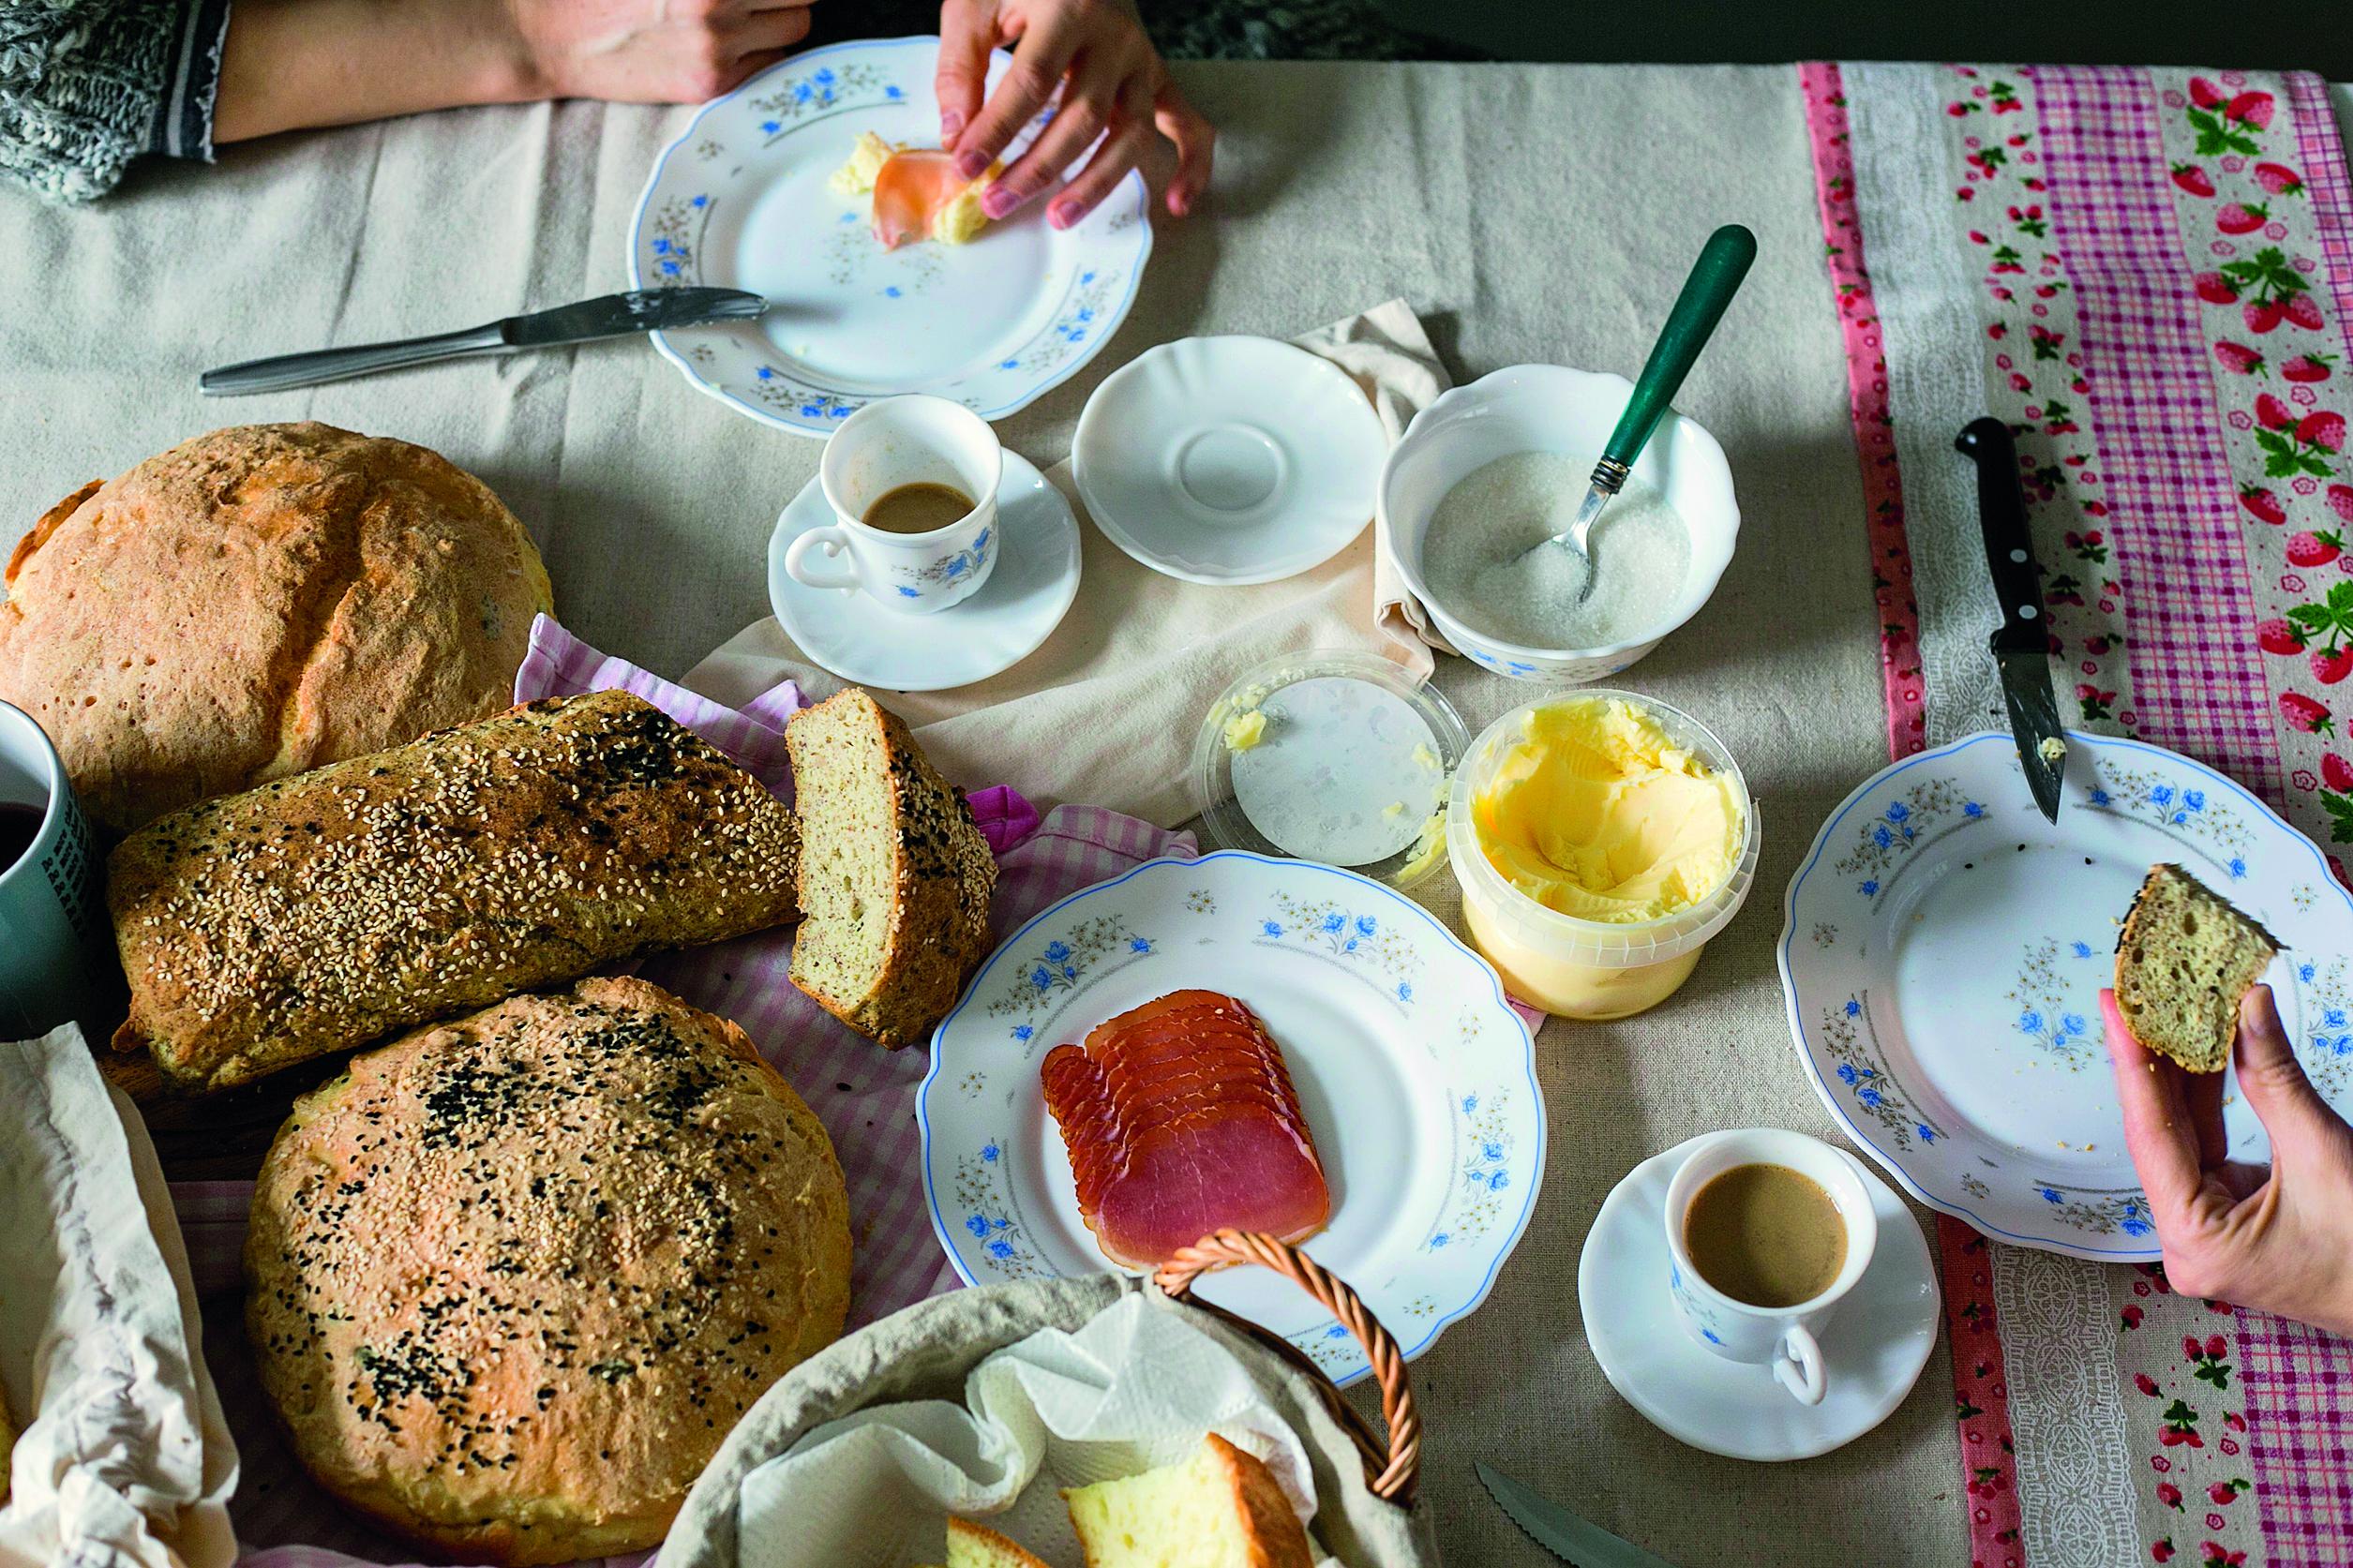 Zagreb, 100215. Katarina Komarica voditeljica Jupiter promocija posvetila se novom poslu, pecenju bezglutenskog kruha za restorane i ducane. Katarina vec godina boluje od celijaklije i trazila je svoj savrseni kruh bez glutena.  Prvi od restorana koji je prepoznao Katarinin kruh je Mali bar Ane Ugarkovic u Vlaskoj i ducan s domacim proizvodima na Britanskom trgu Kaseta & Kosara. Trenutno proizvodi 5 vrsta kruha kojima je baza rizino i kukuruzno brasno. Foto: Berislava Picek / CROPIX